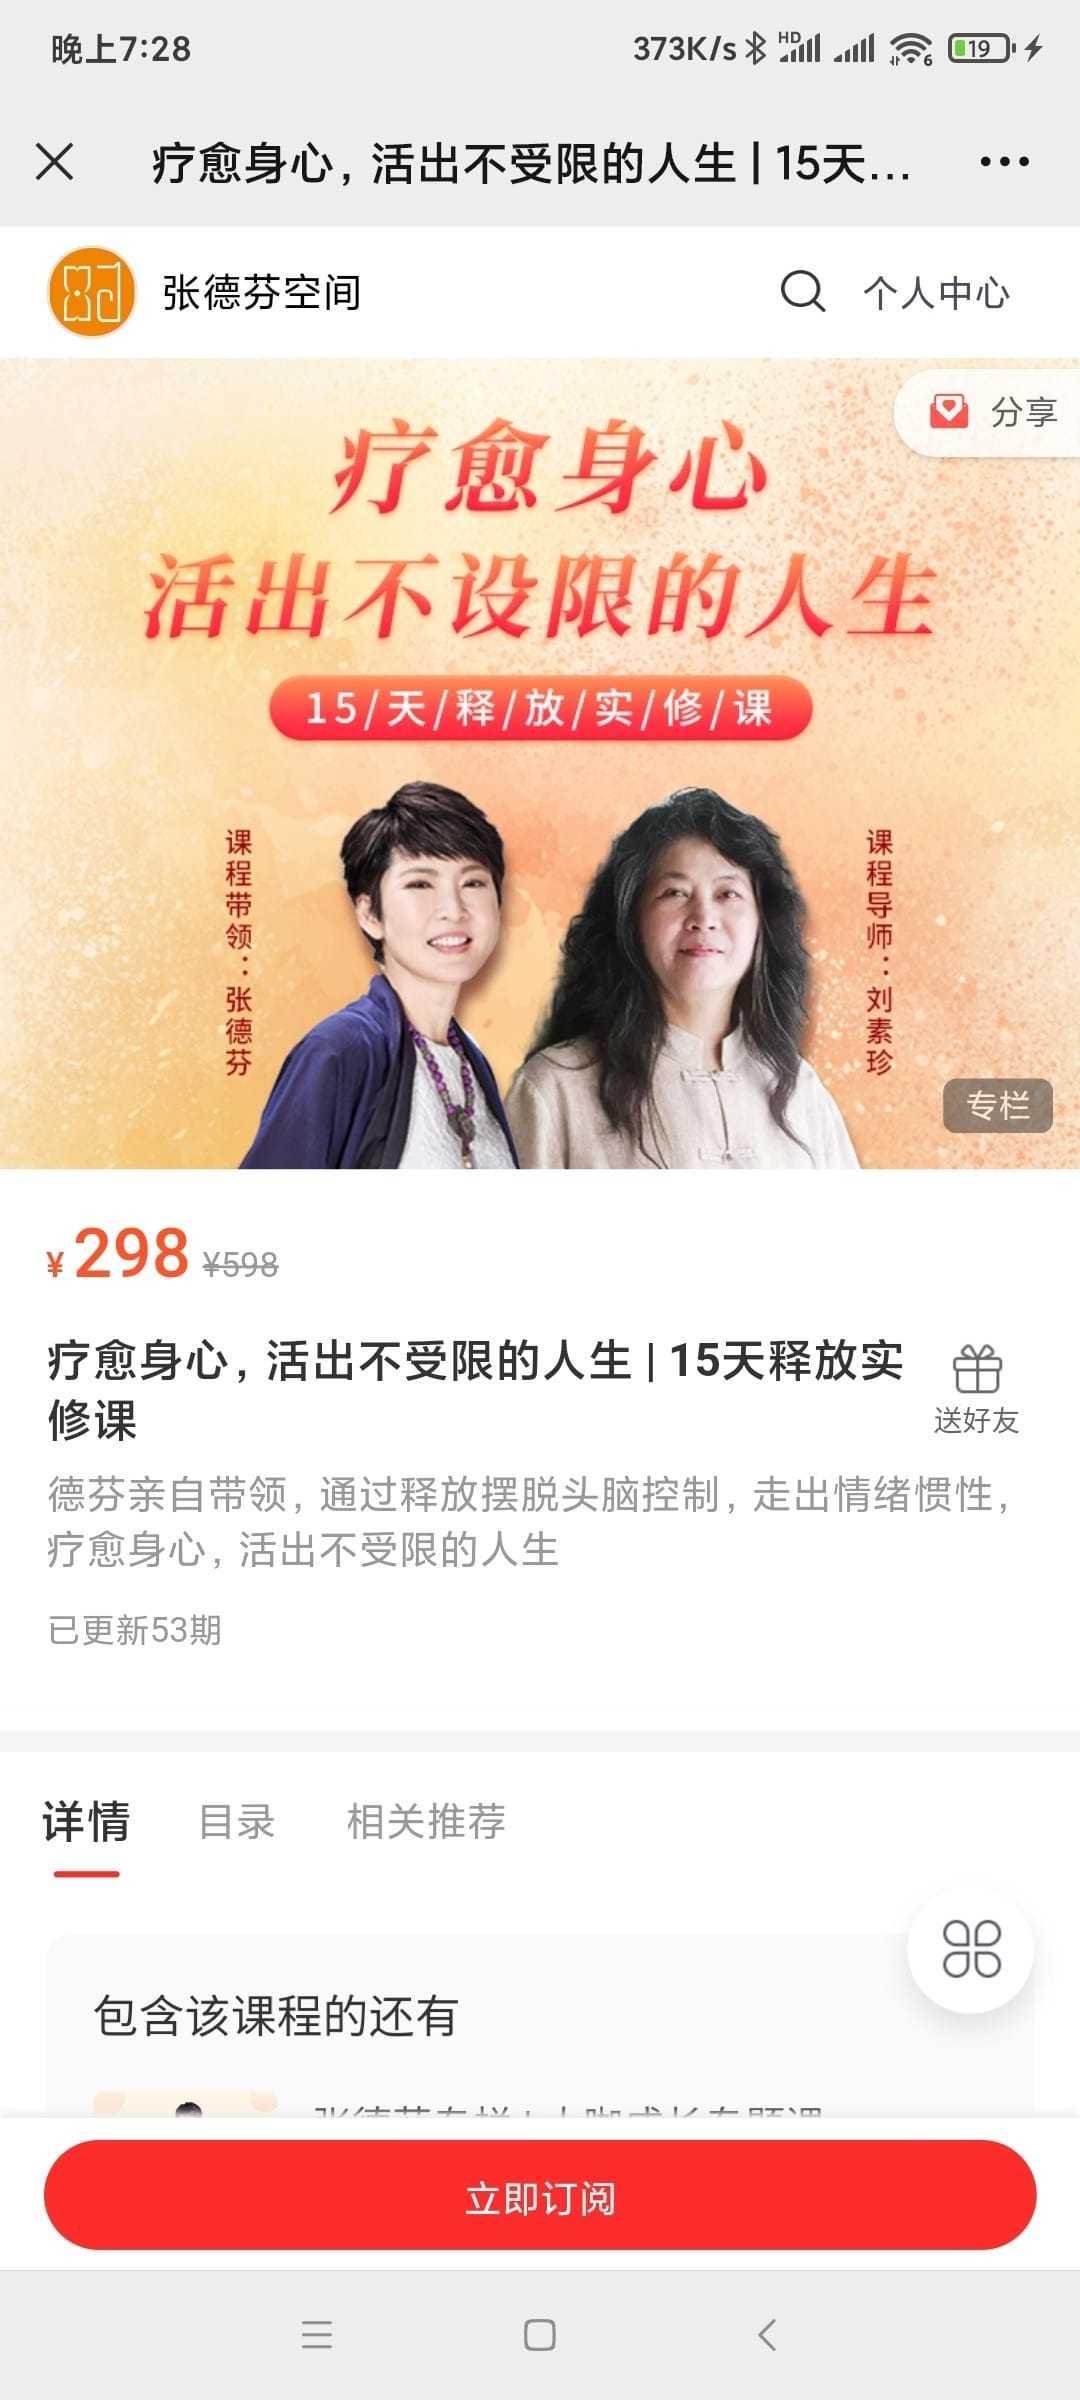 刘素珍张德芬疗愈身心,活出不受限的人生—15天释放实修课